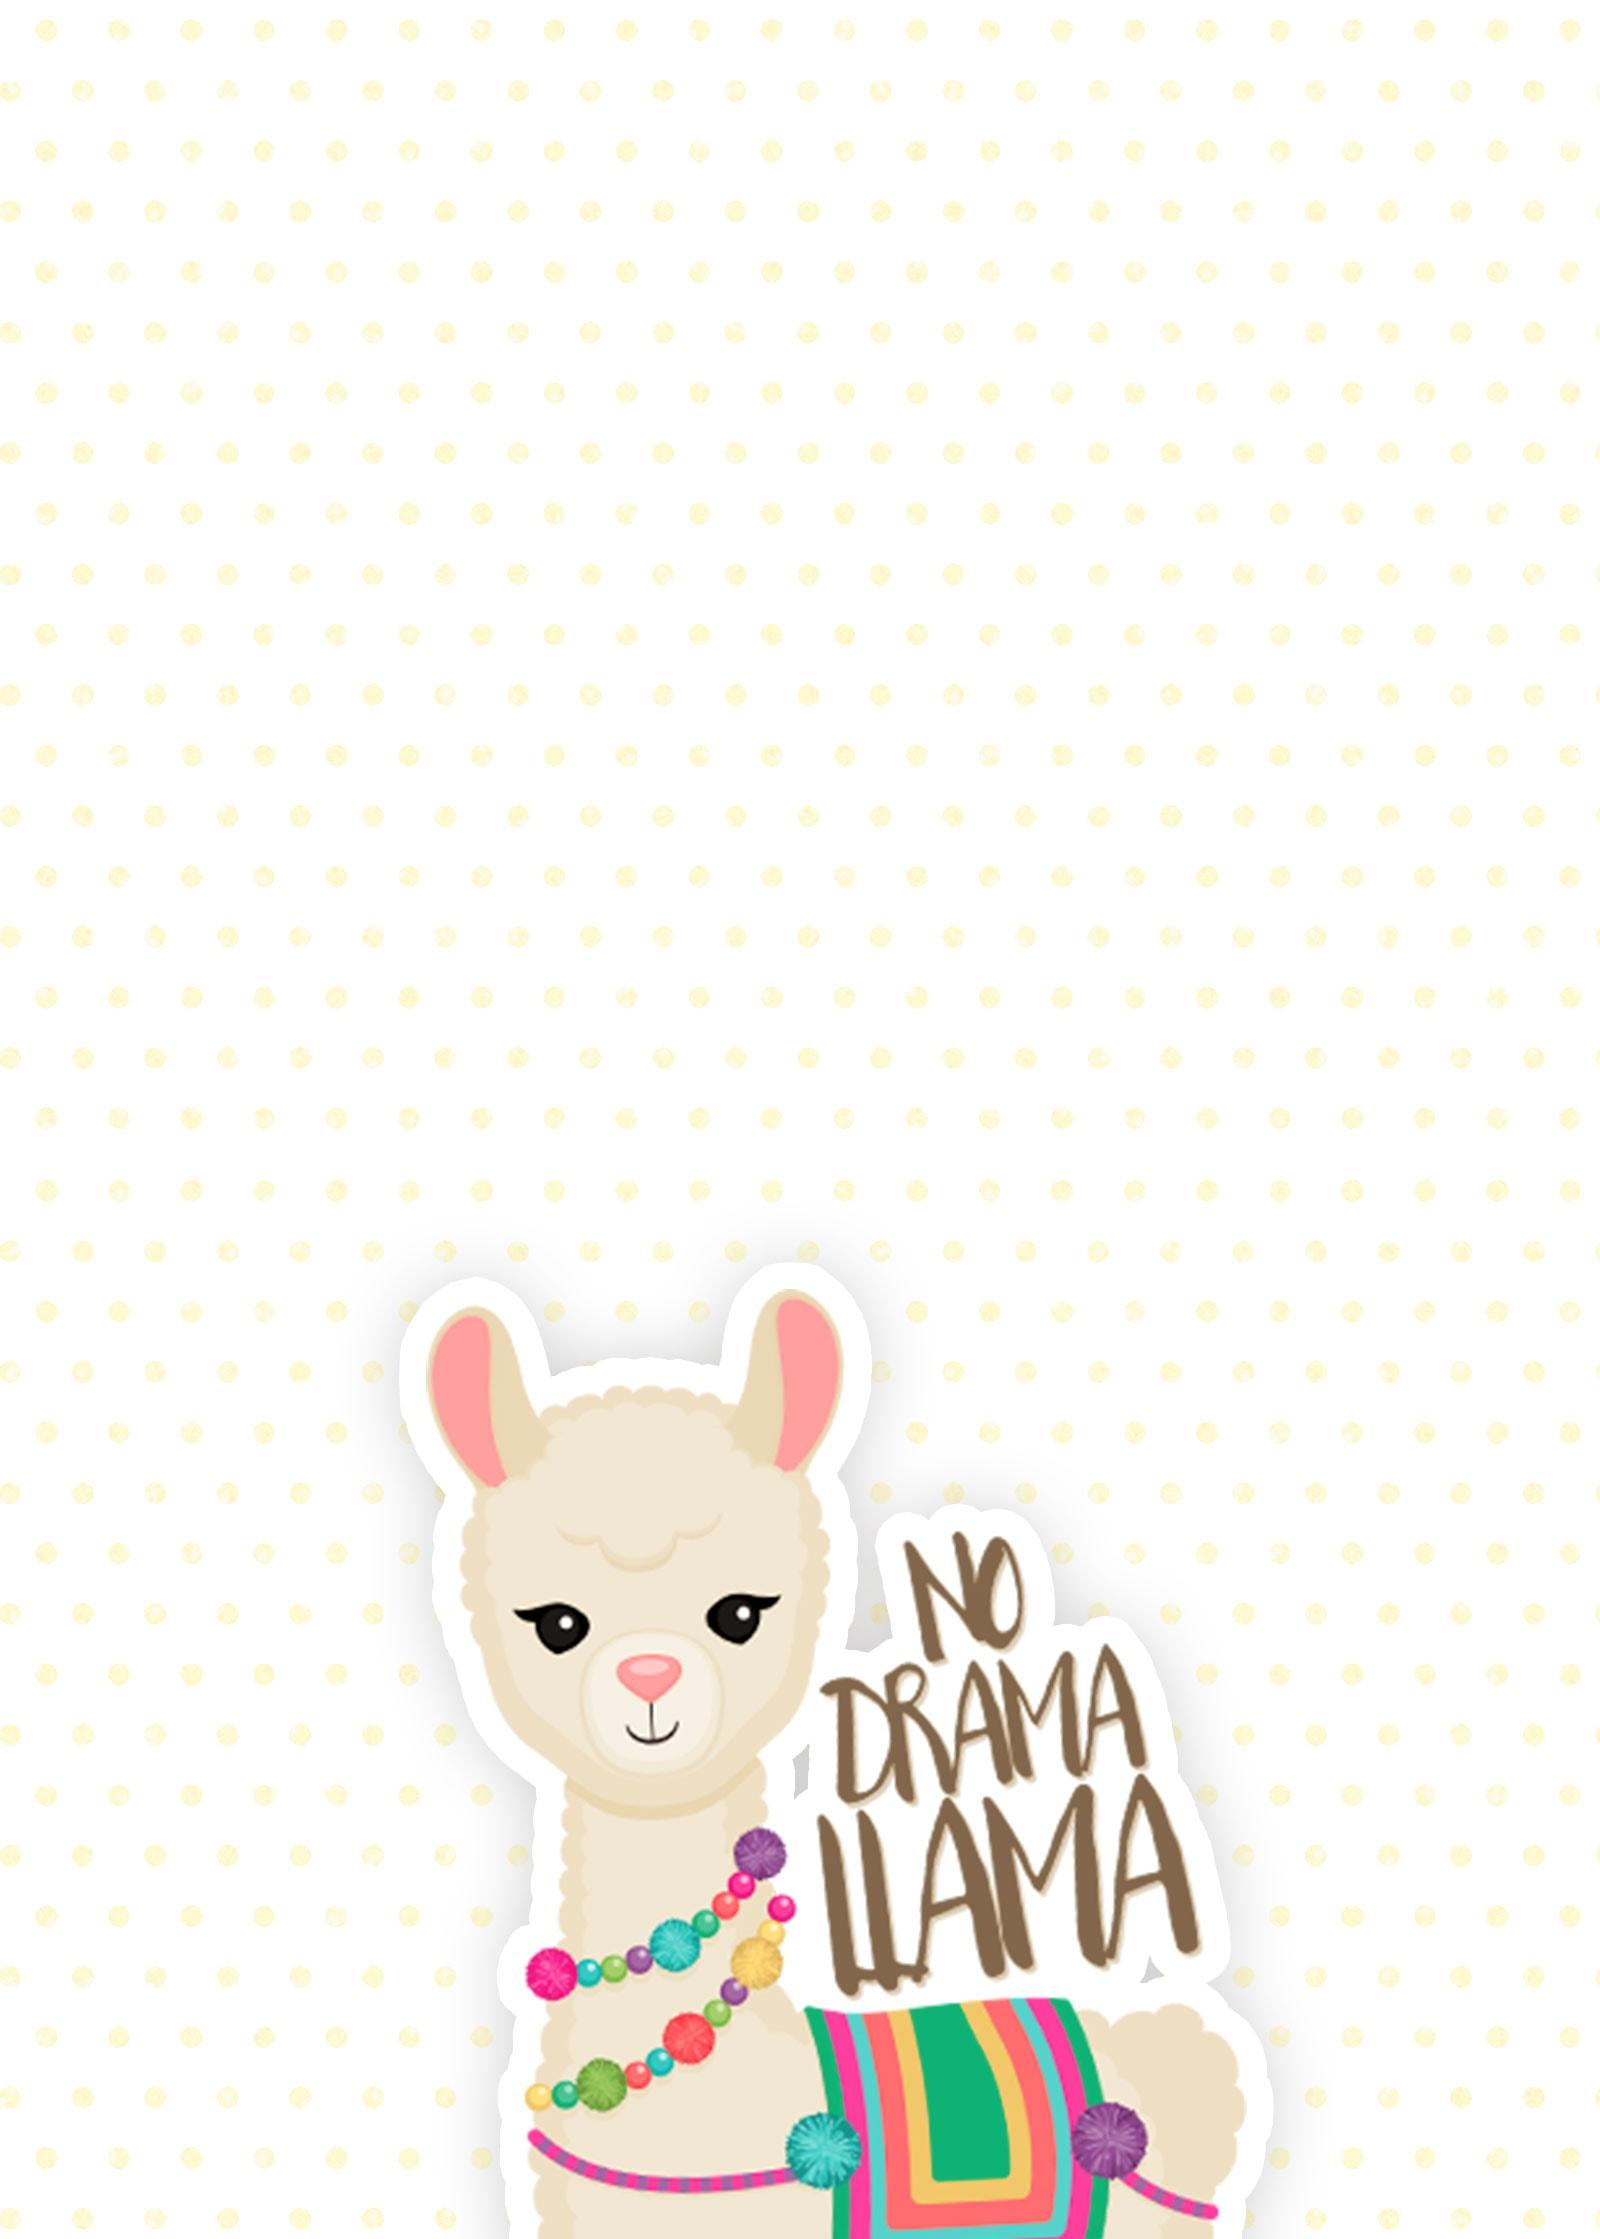 iPhone Background: No Drama Llama